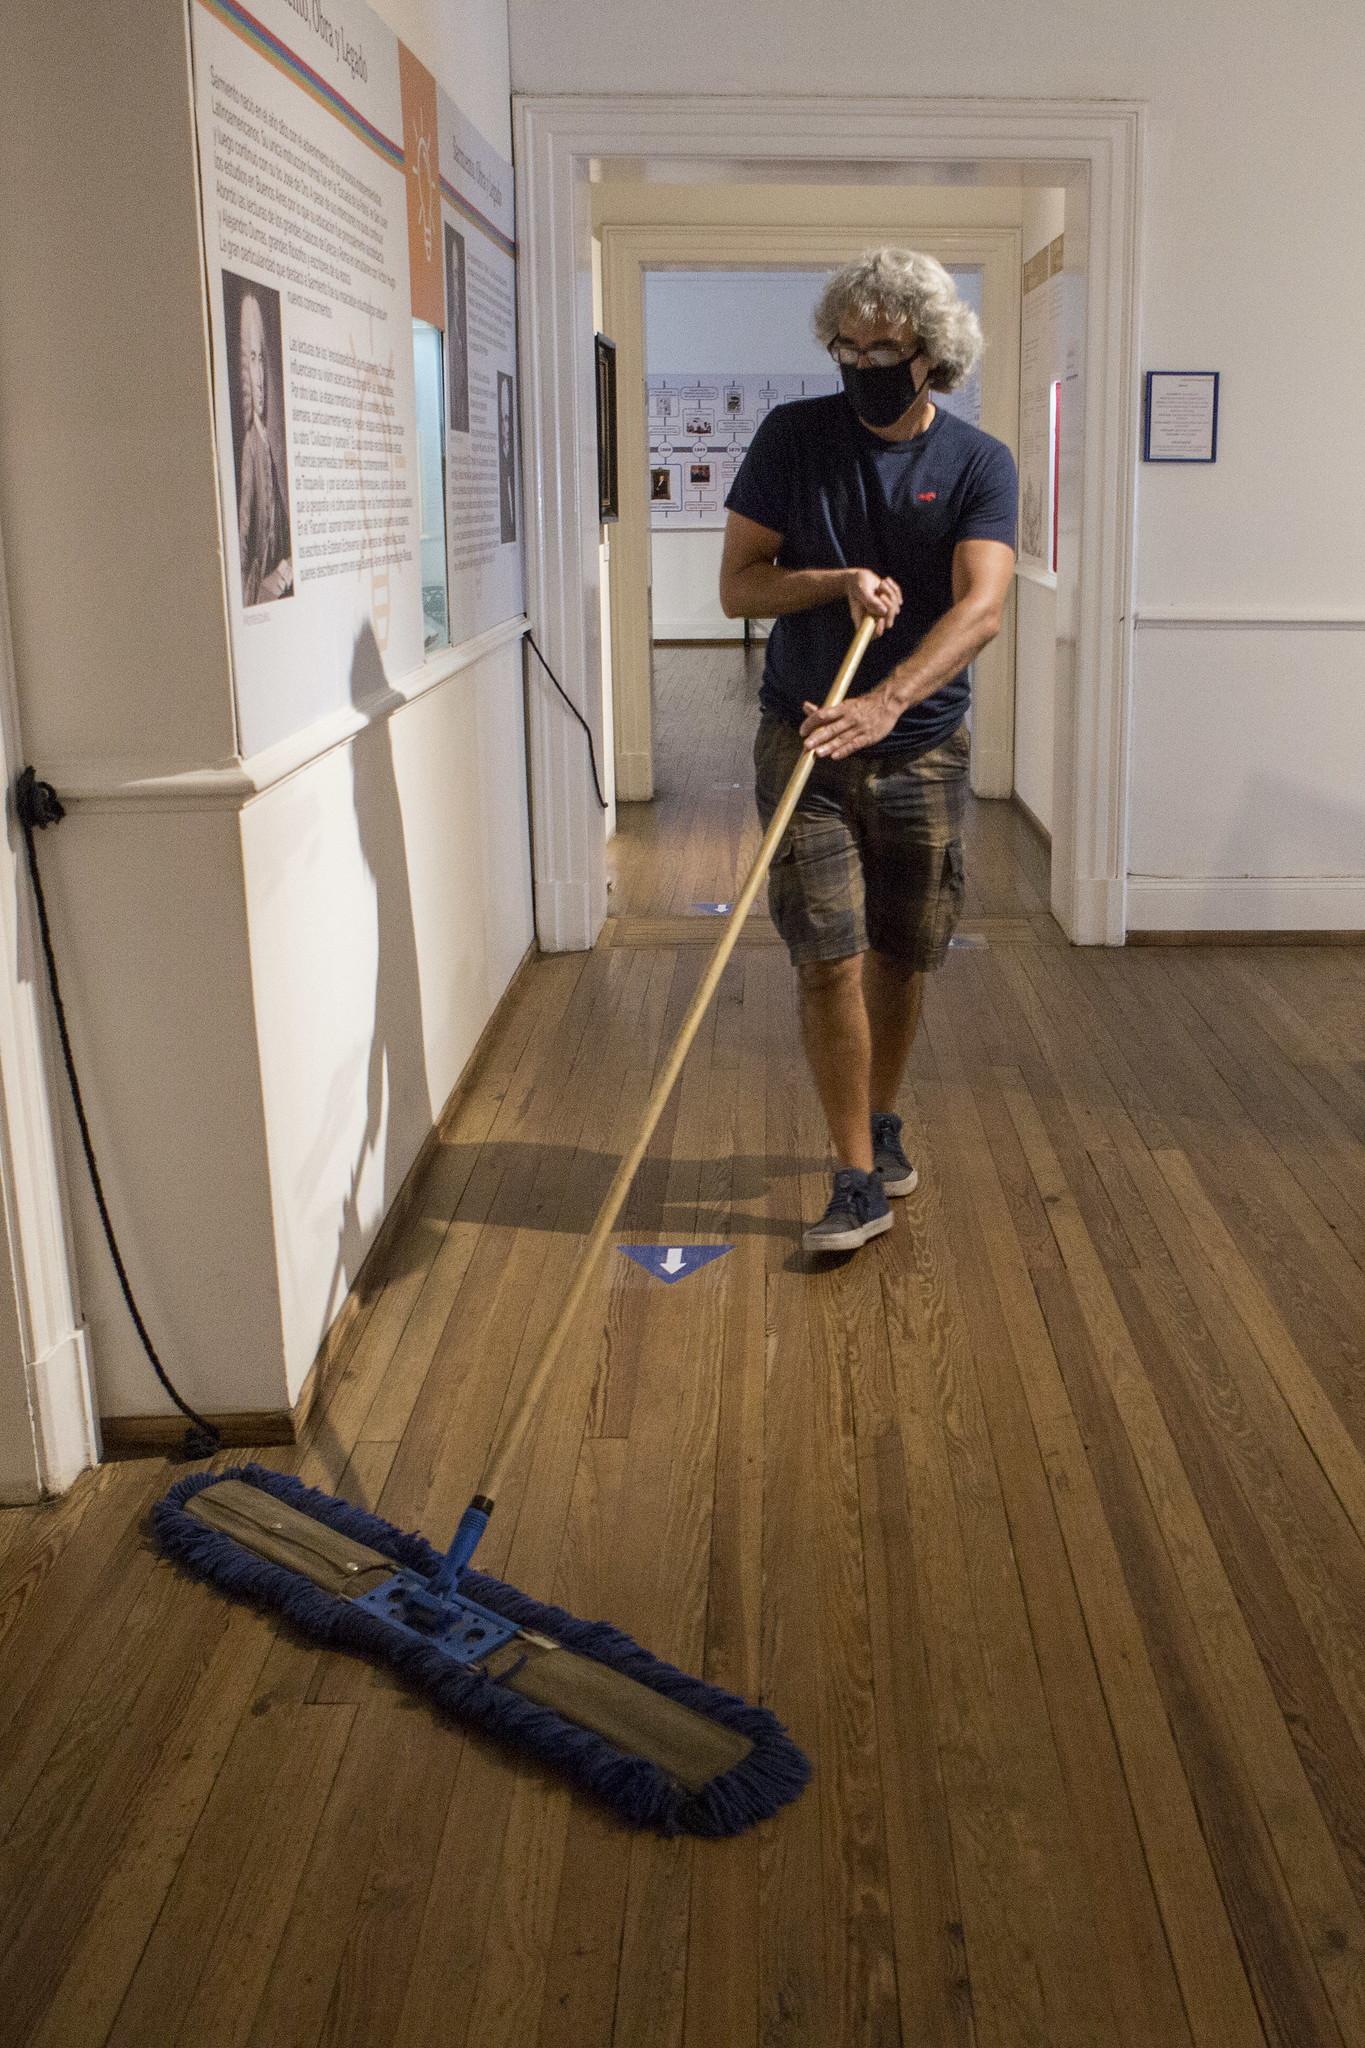 Empleados del lugar limpian constantemente las zonas de alto tránsito (Ministerio de Cultura)